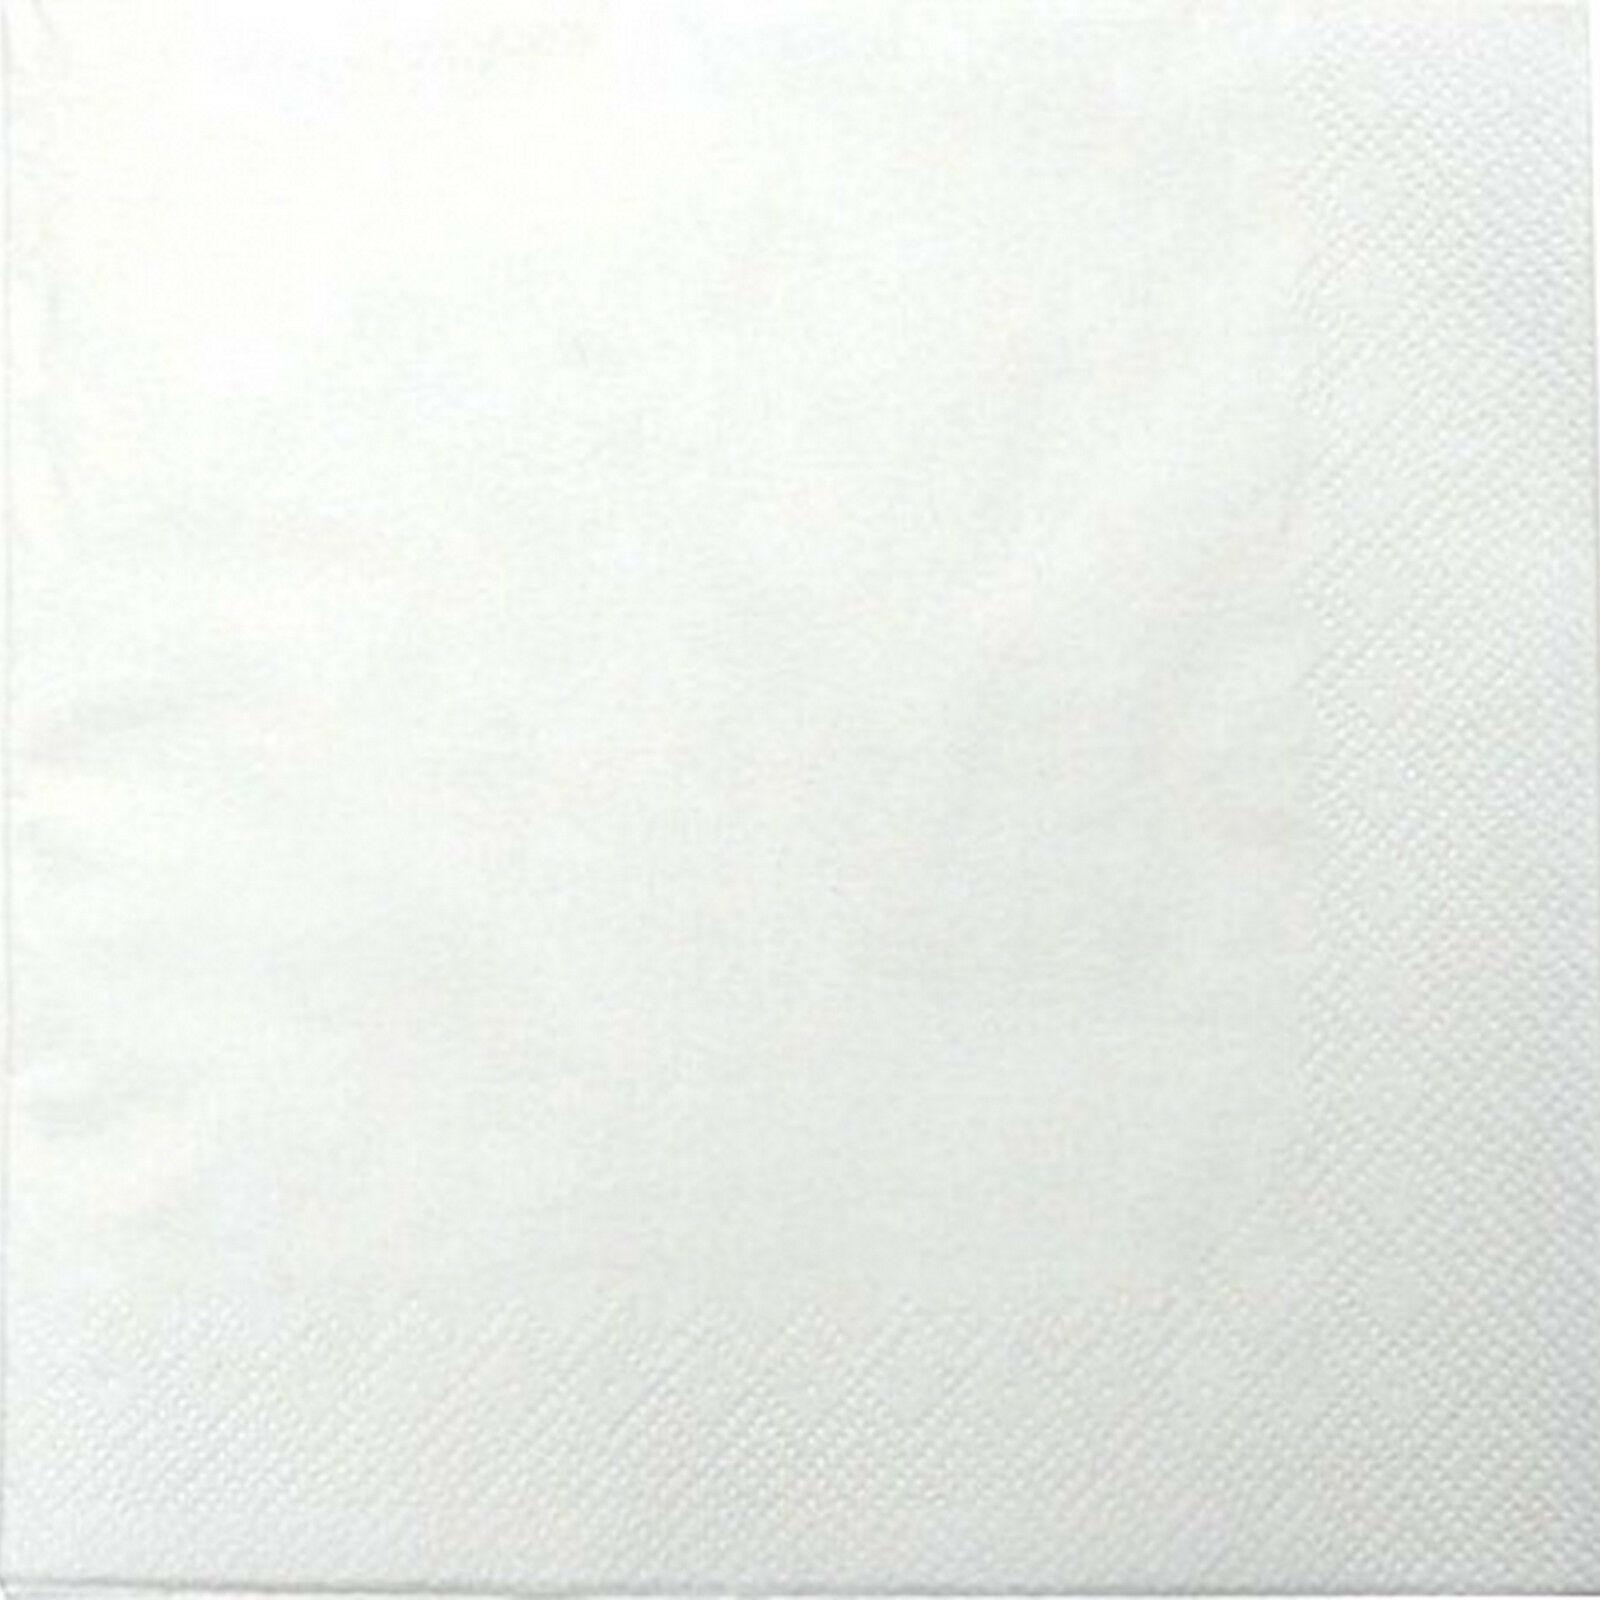 200 - 1.000 Stück Servietten 3-lagig 33x33 cm  Papierservietten Tissue-Qualität - Weiß, 200 Stück